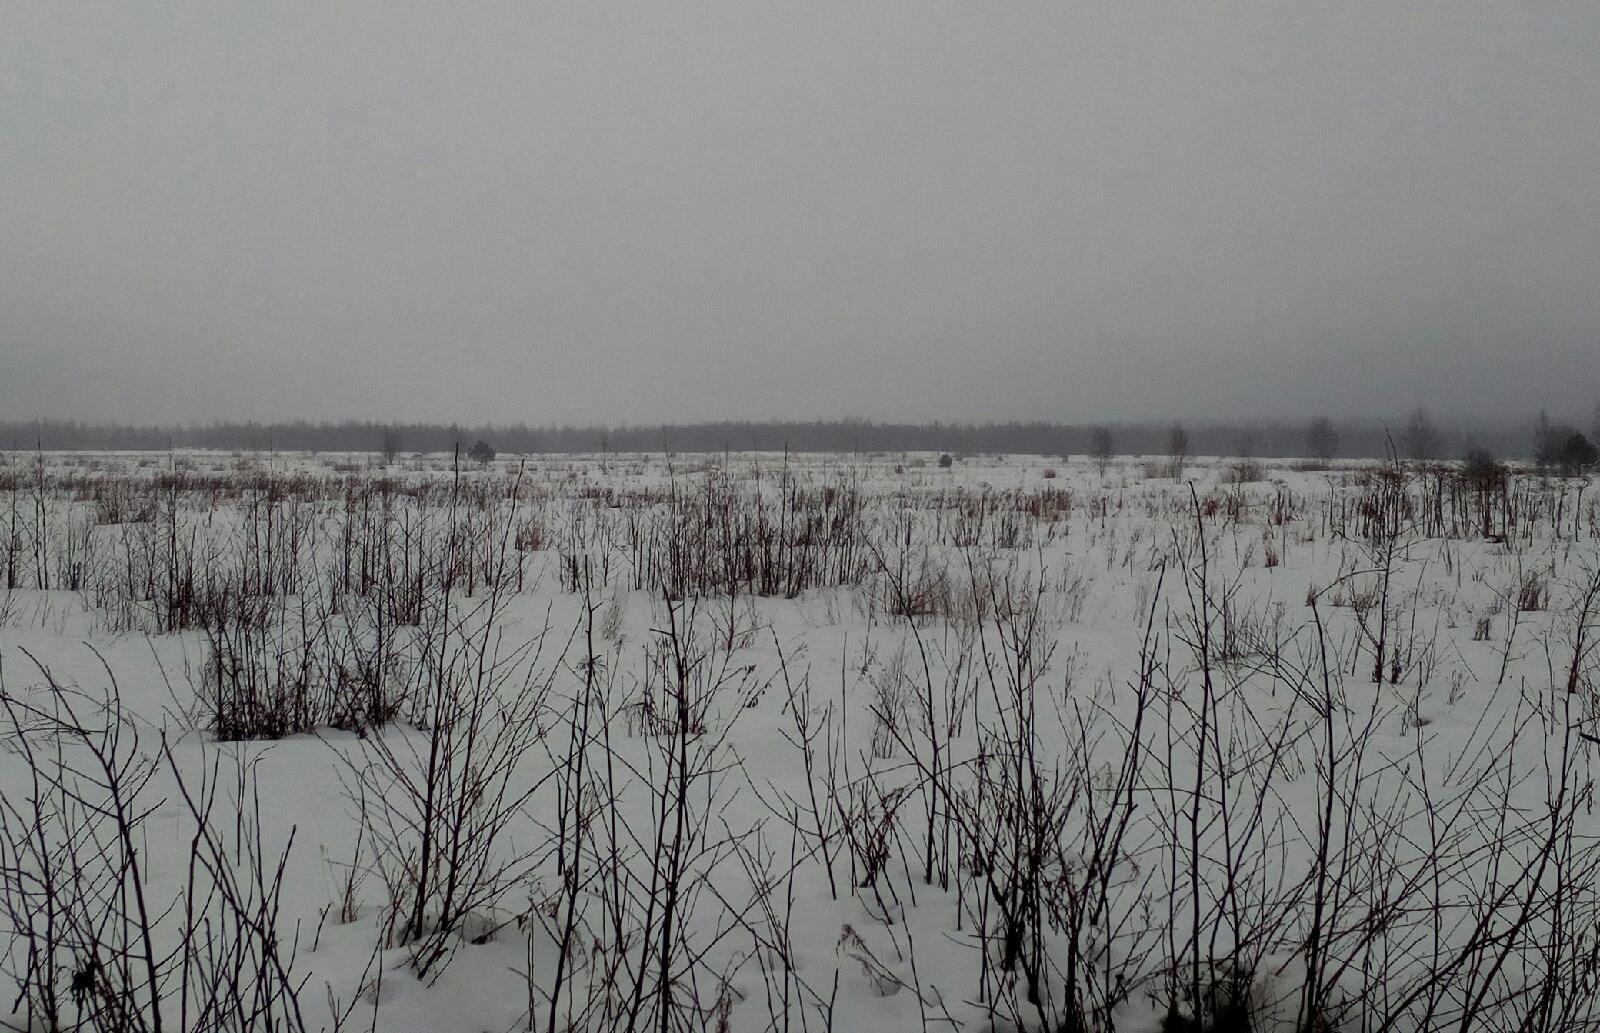 В Кимрском районе продолжают зарастать свыше 6 гектаров сельхозугодий - новости Афанасий